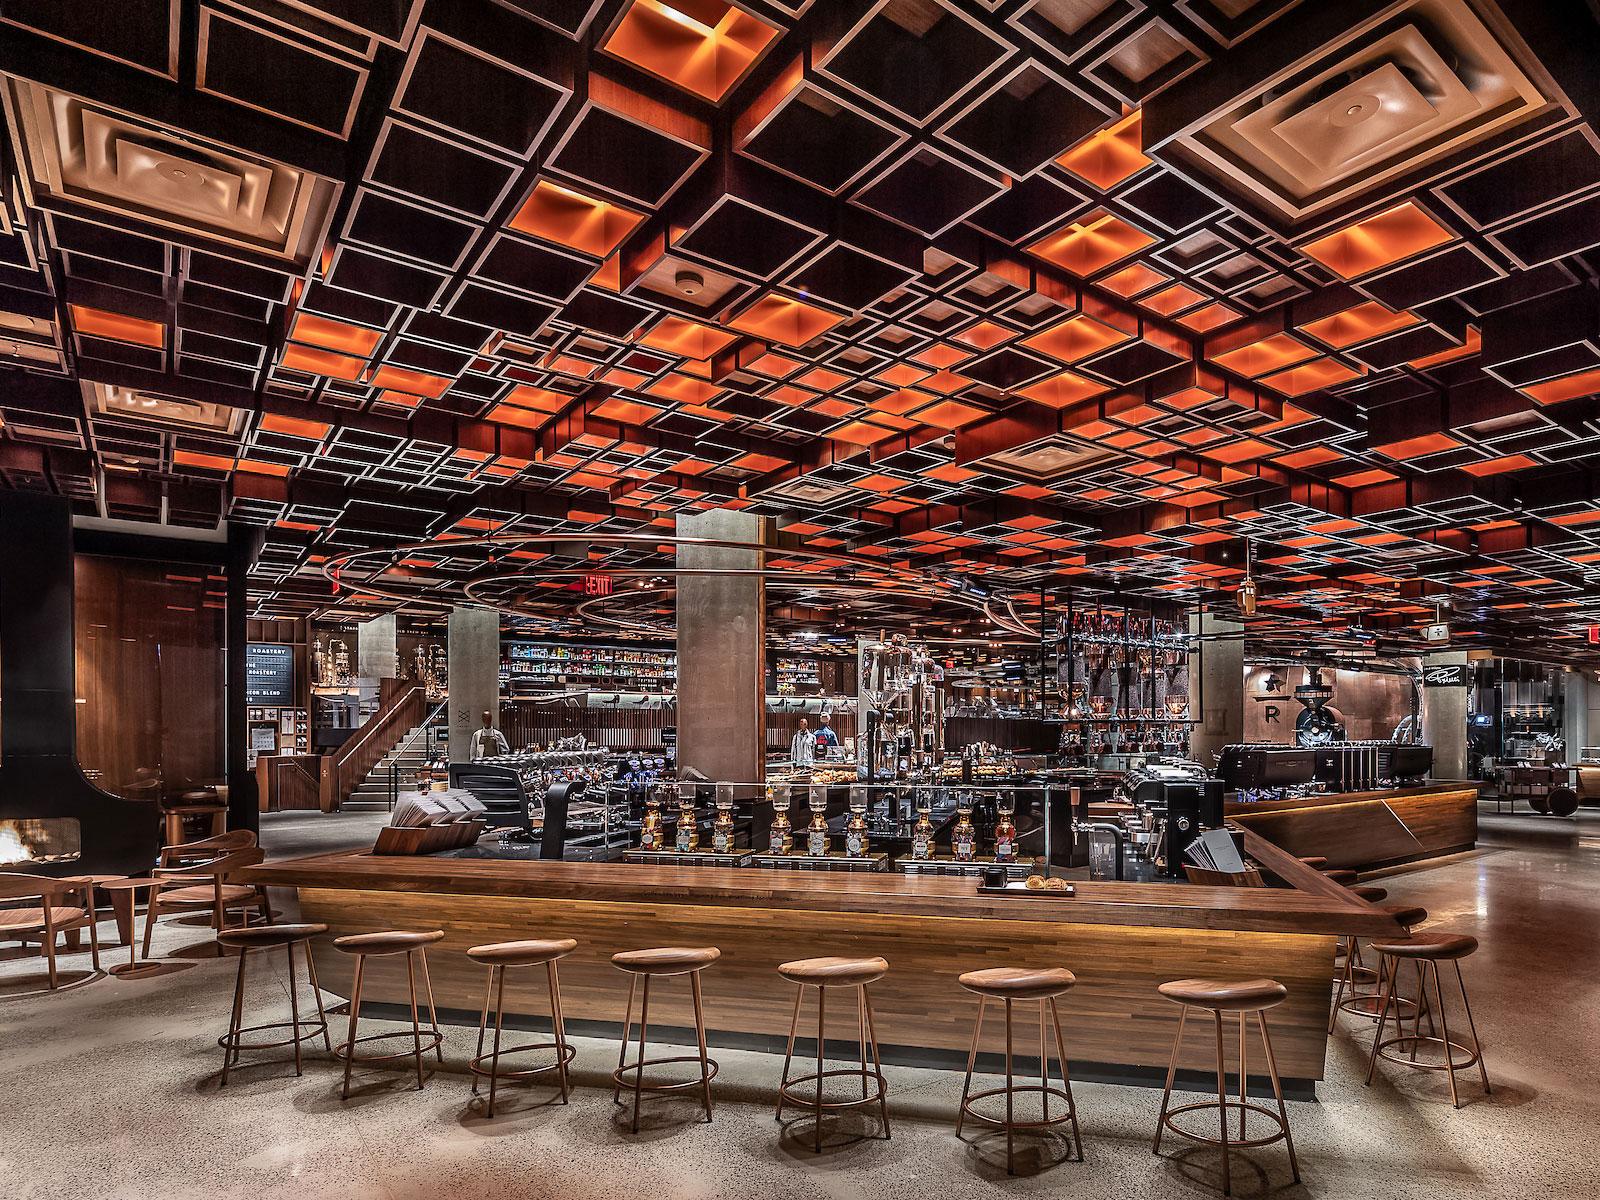 Roastery, Reserve Bar, Regular Starbucks: What's the Difference? starbucks-store-explainer-1-FT-BLOG1218